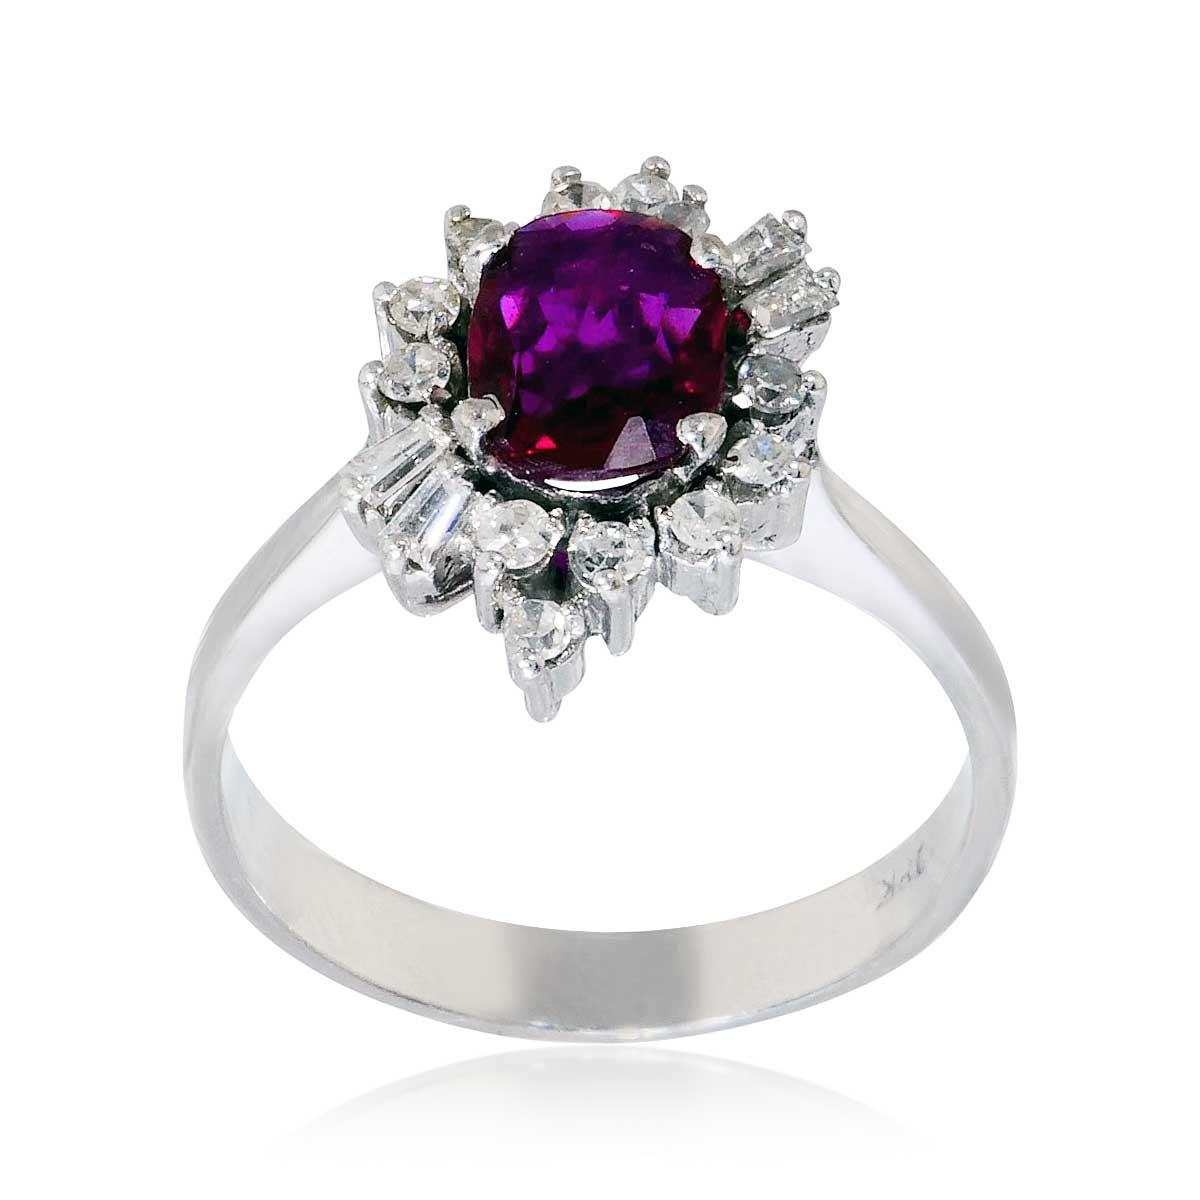 rubin diamant wei goldring mit 0 31ct diamanten und einem 0 95ct rubin schmuck. Black Bedroom Furniture Sets. Home Design Ideas